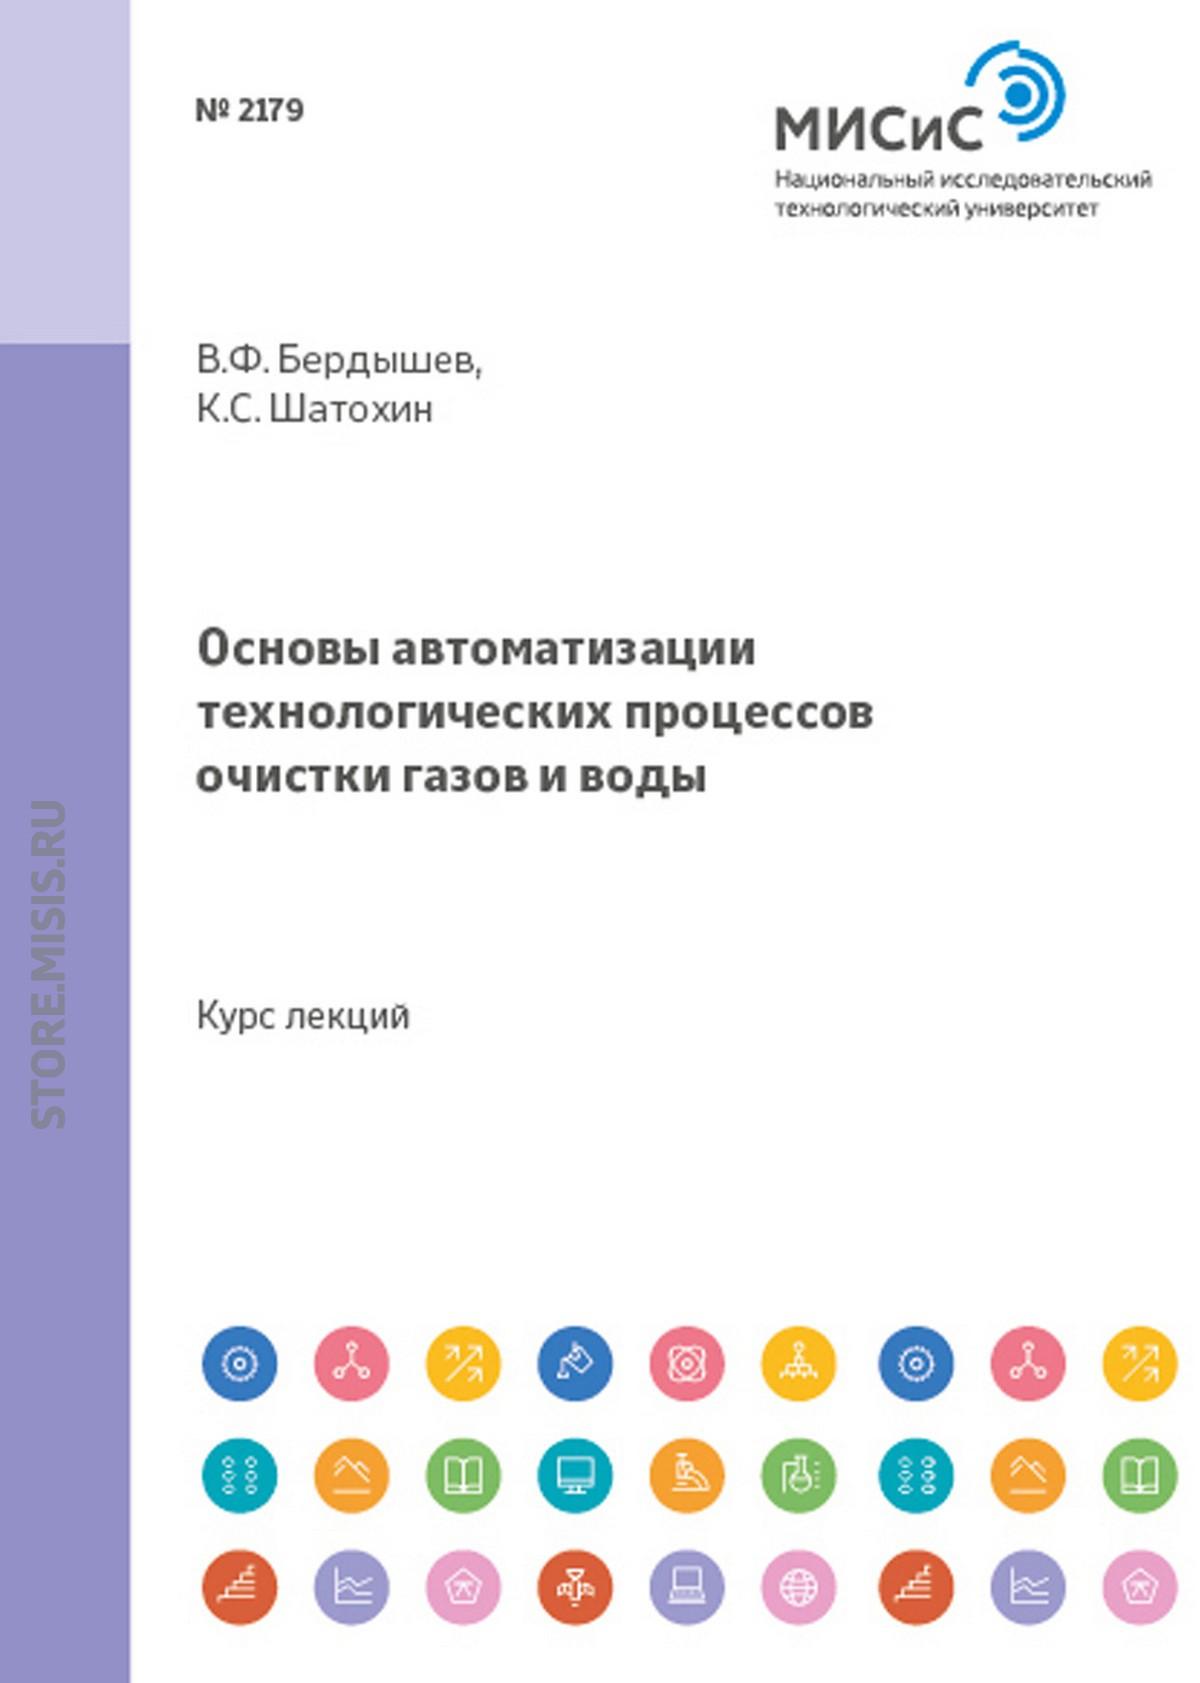 Константин Шатохин Основы автоматизации технологических процессов очистки газов и воды